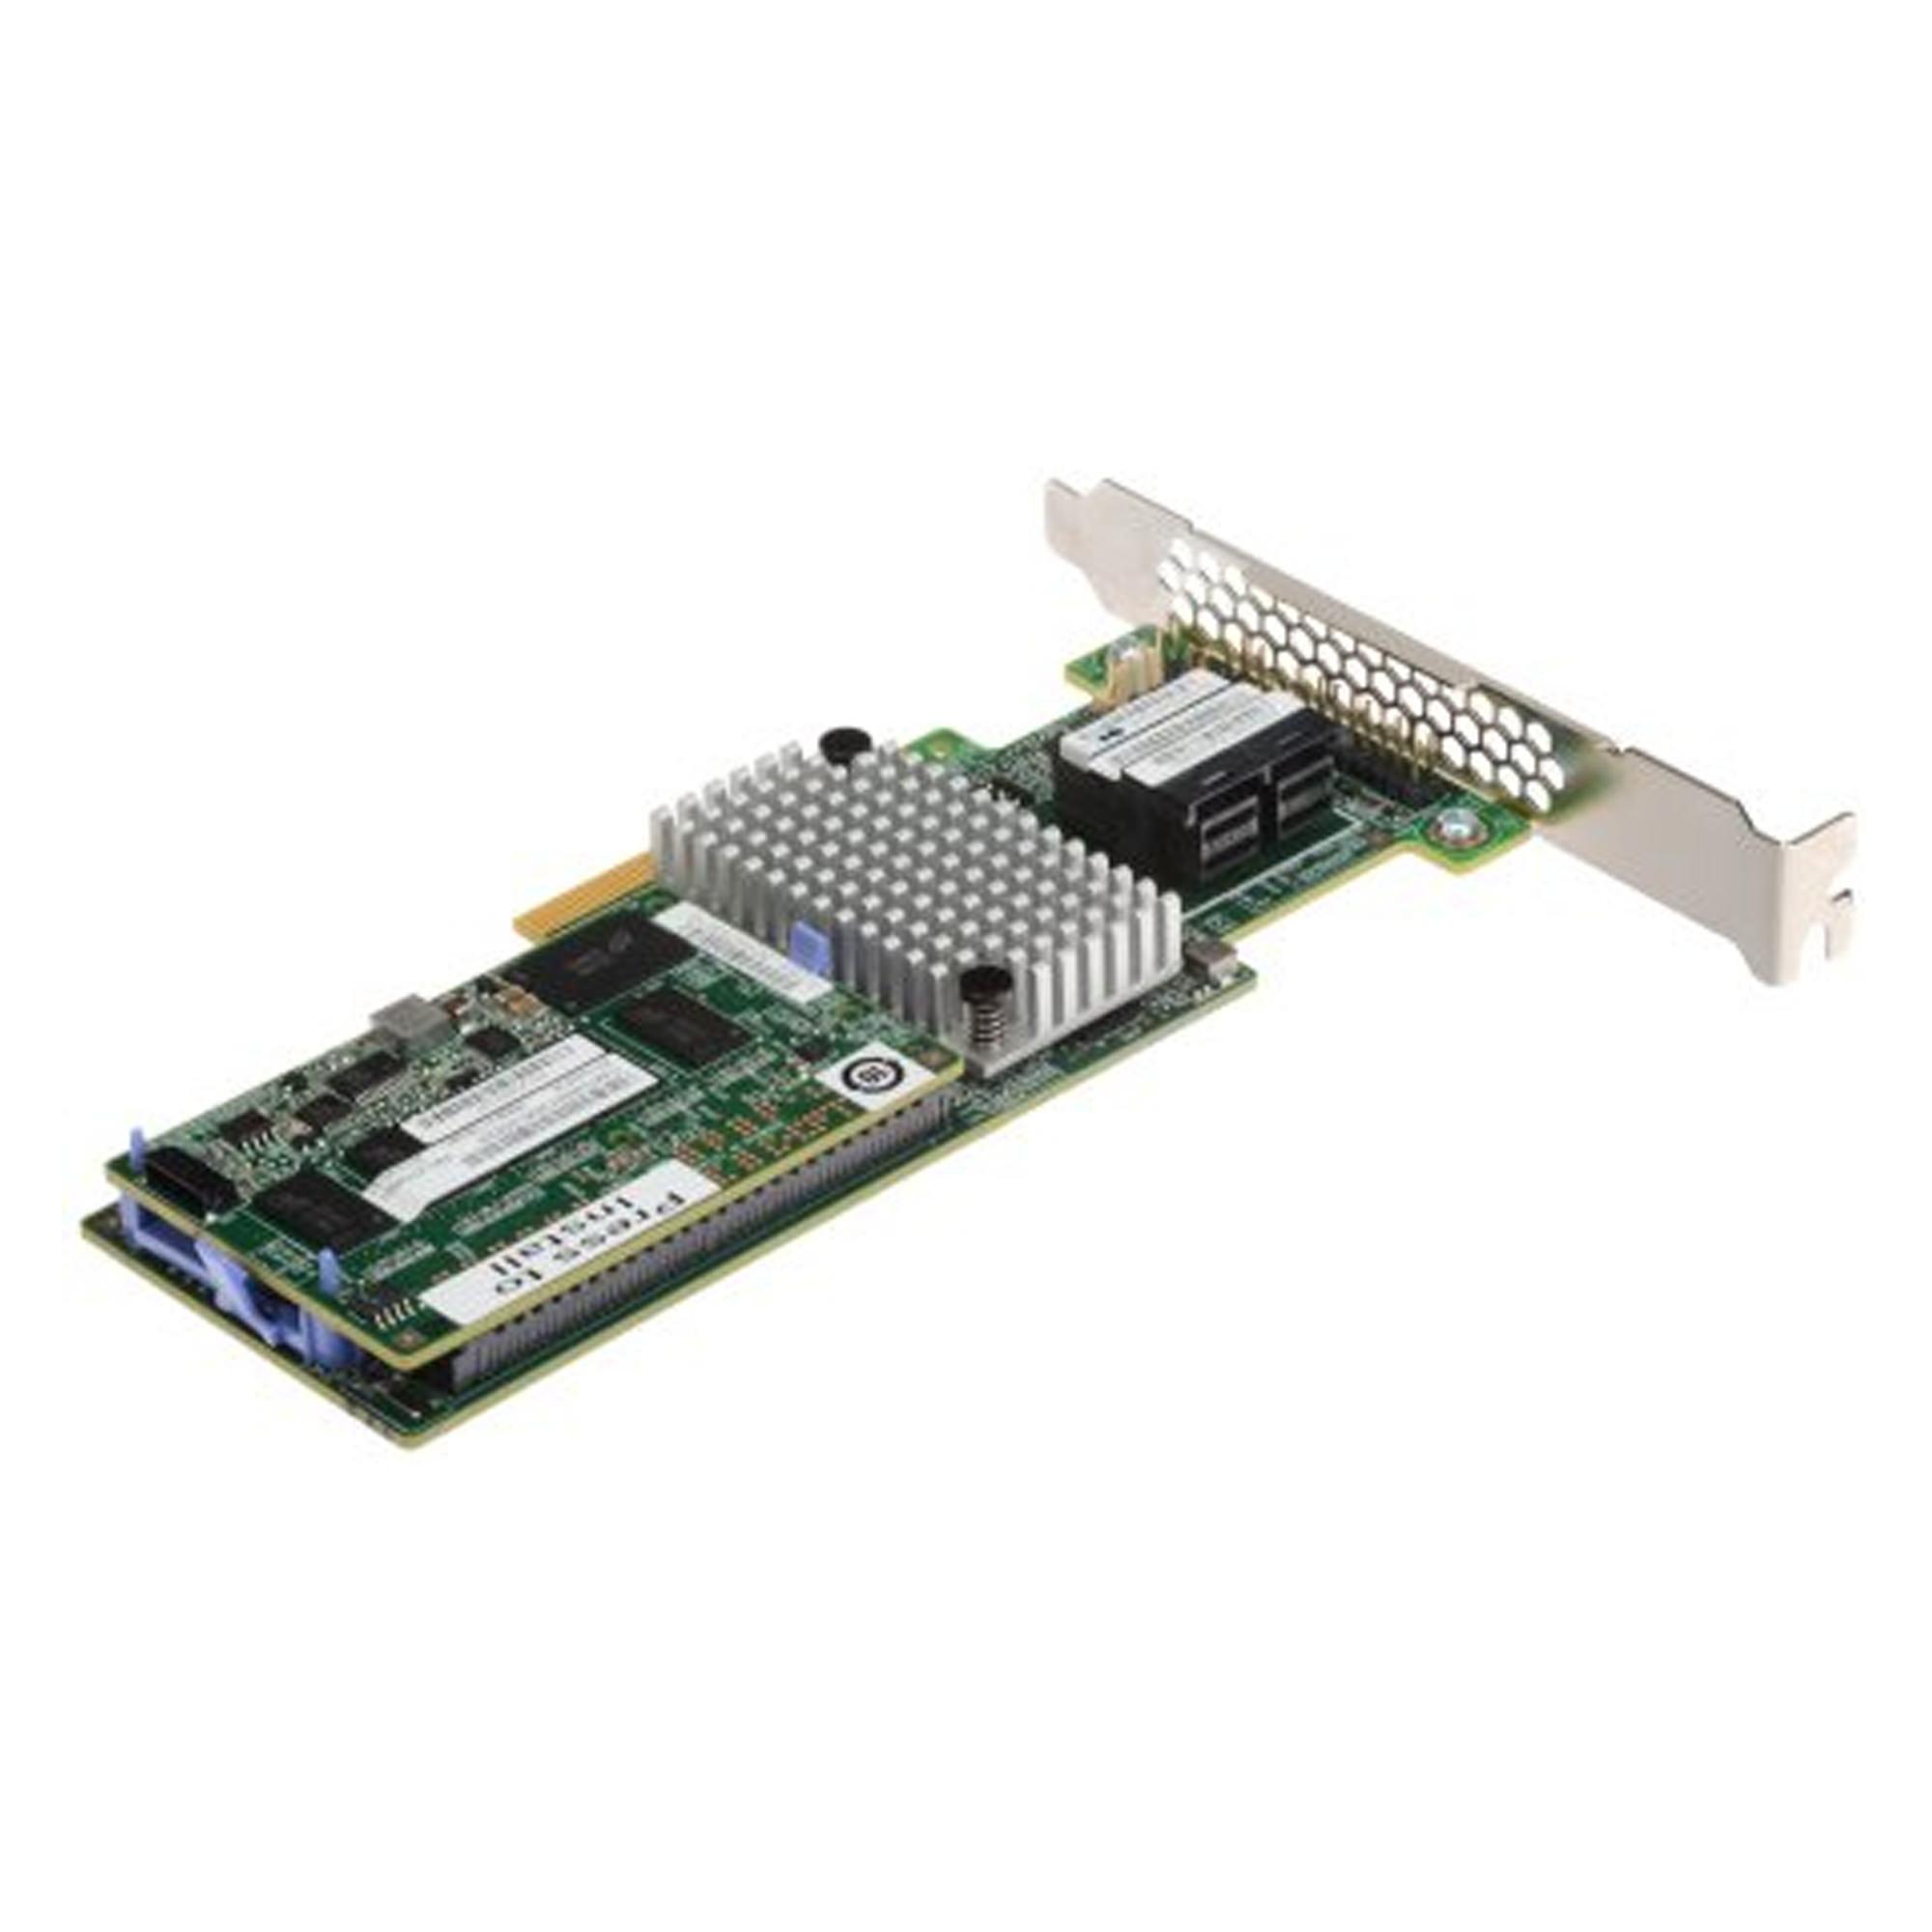 Lenovo ServeRAID M5200 Series 1GB Flash/RAID 5 Upgrade